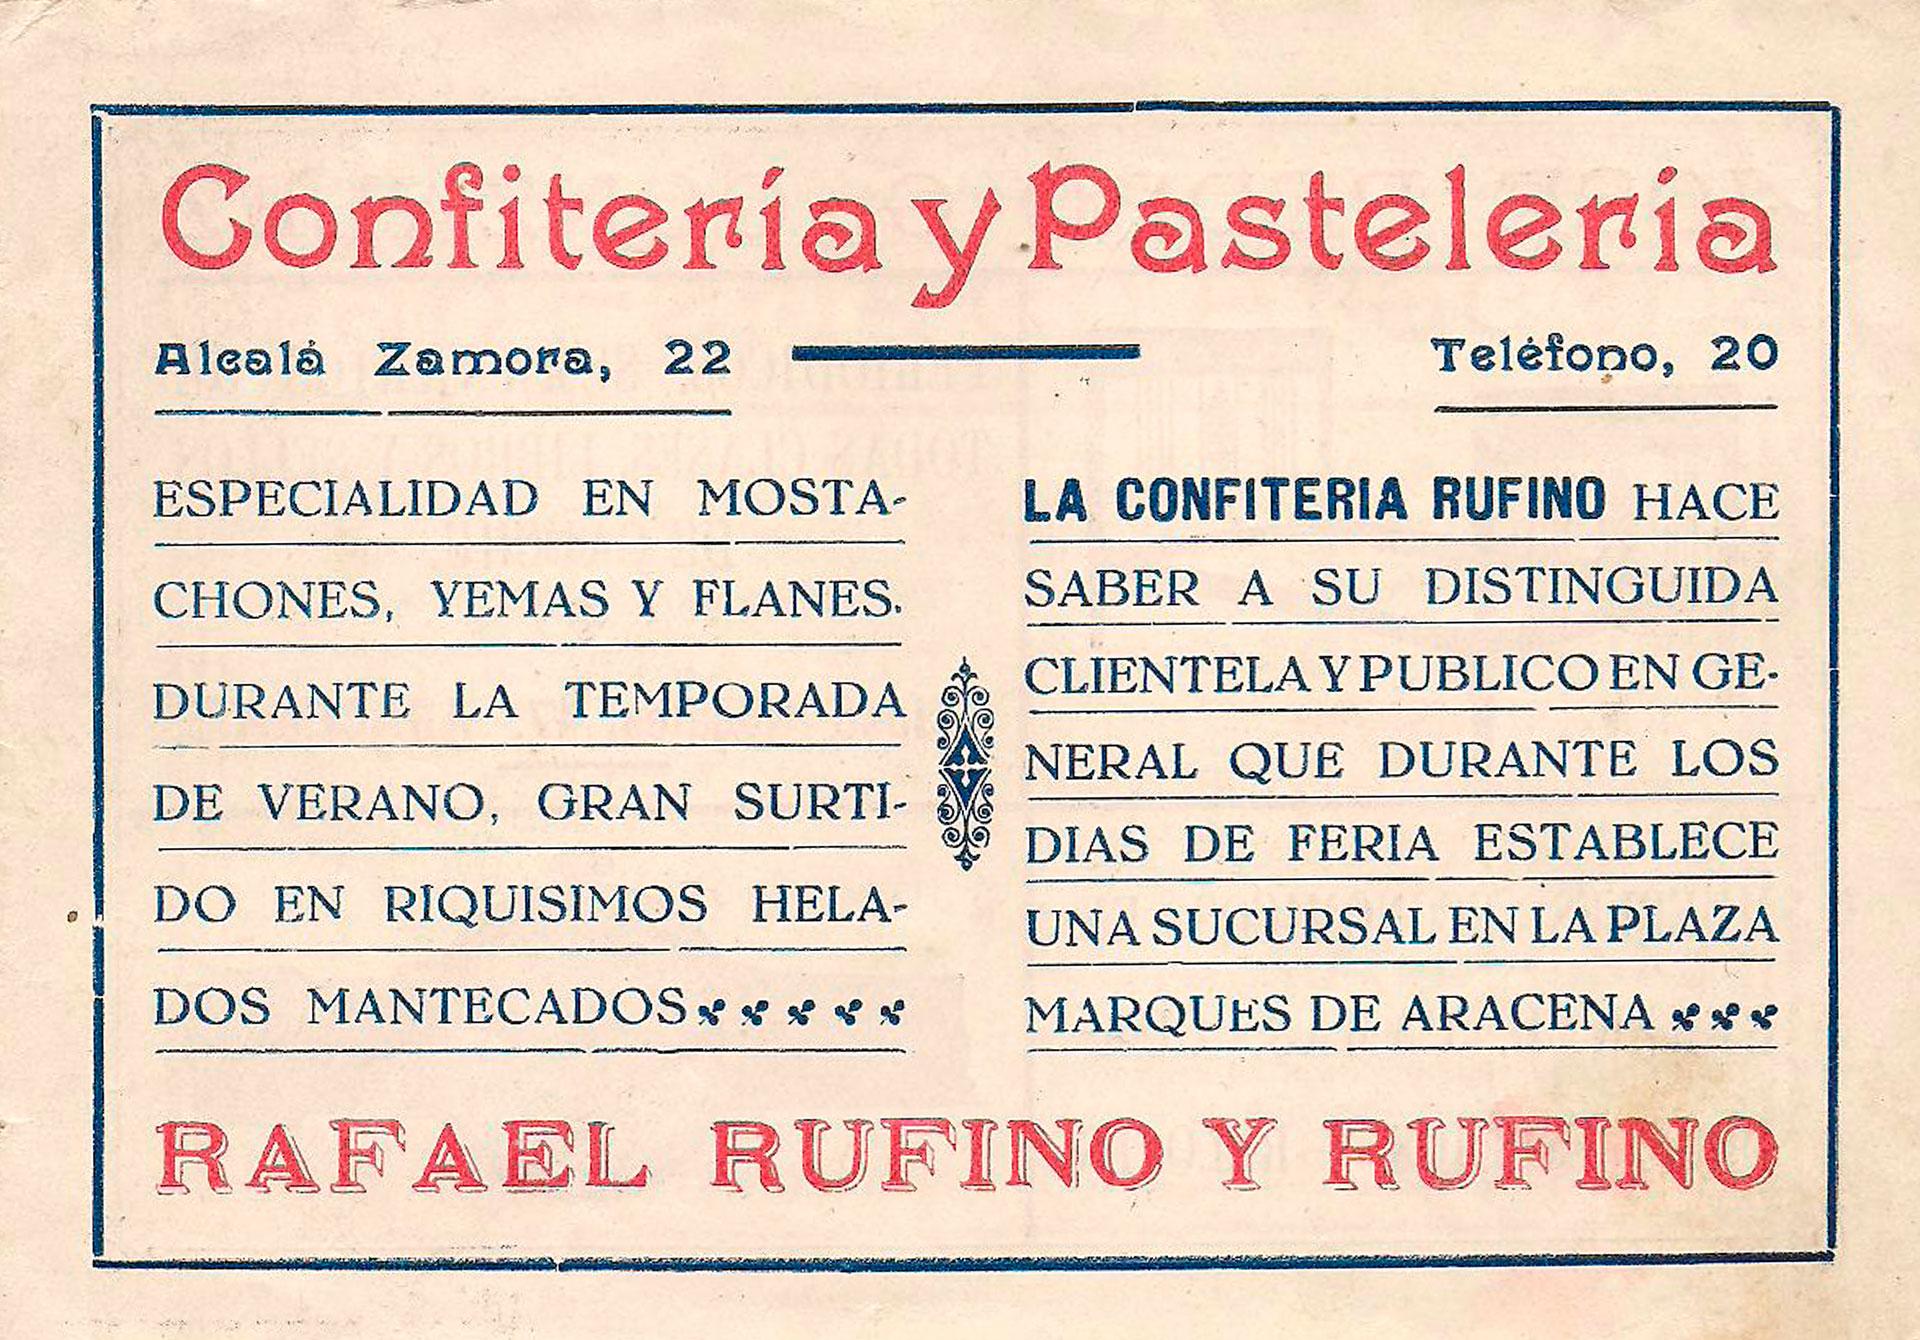 publicidad confitería rufino aracena 1934